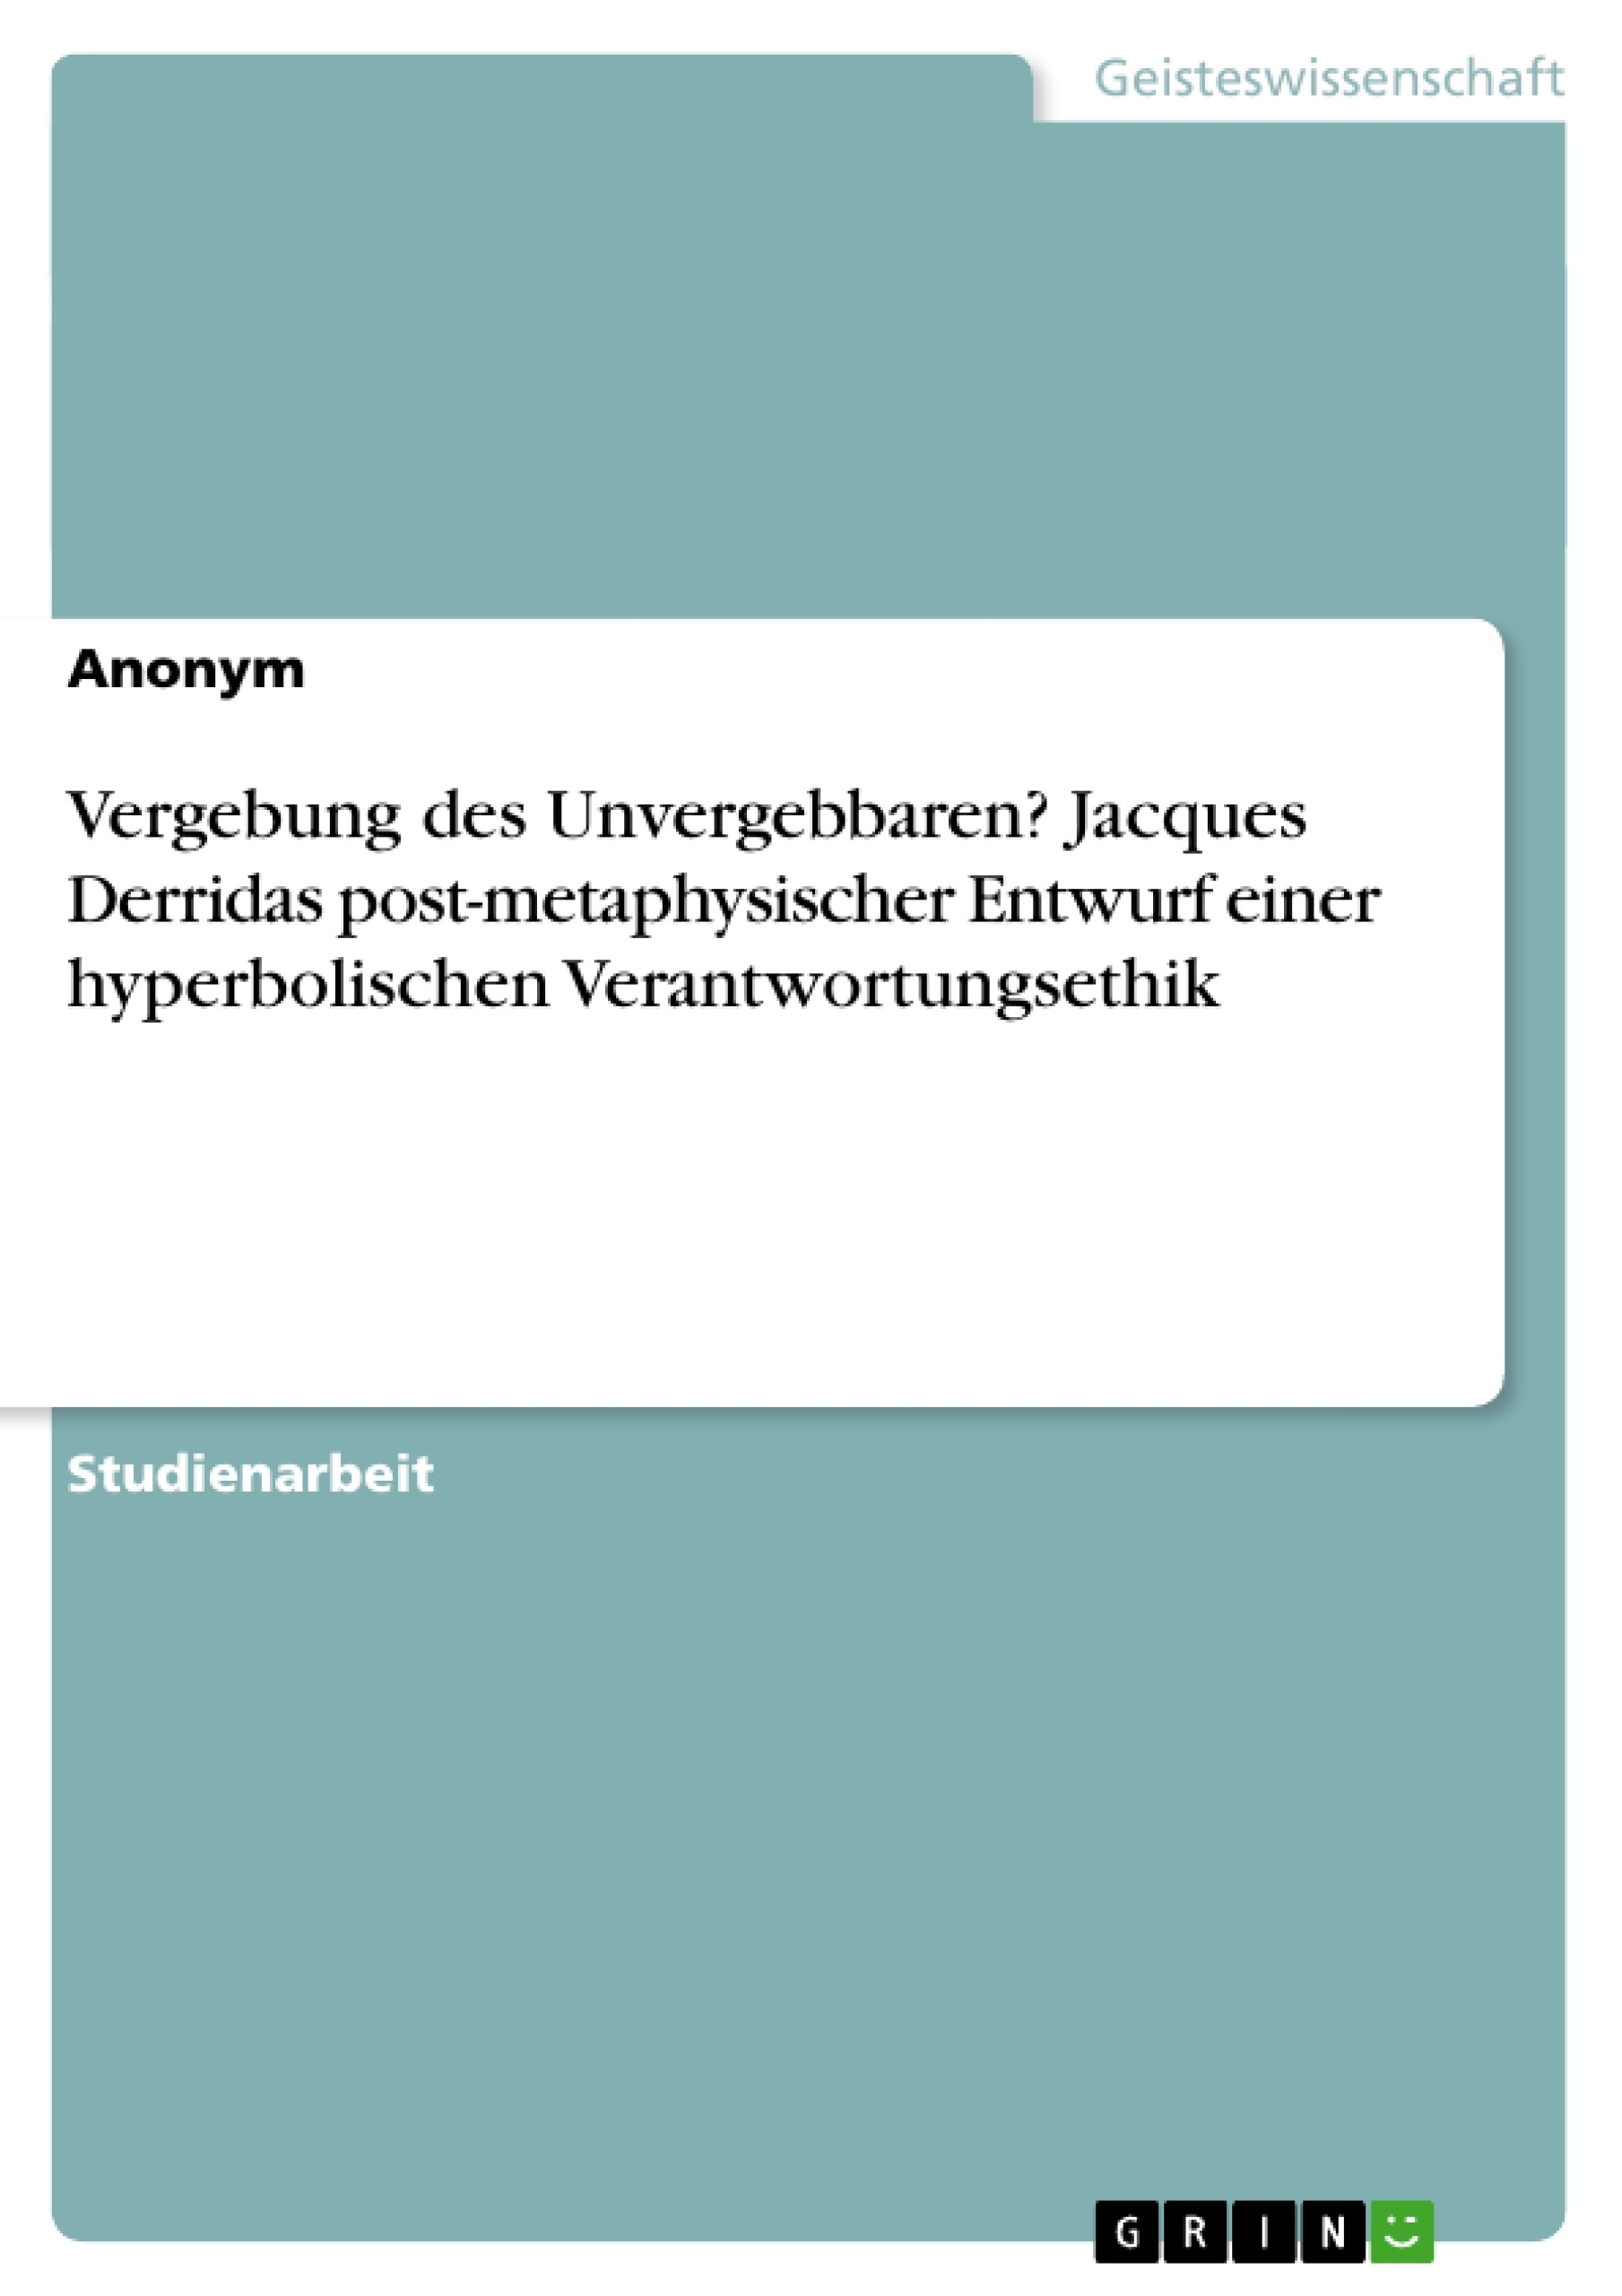 Titel: Vergebung des Unvergebbaren? Jacques Derridas post-metaphysischer Entwurf einer hyperbolischen Verantwortungsethik